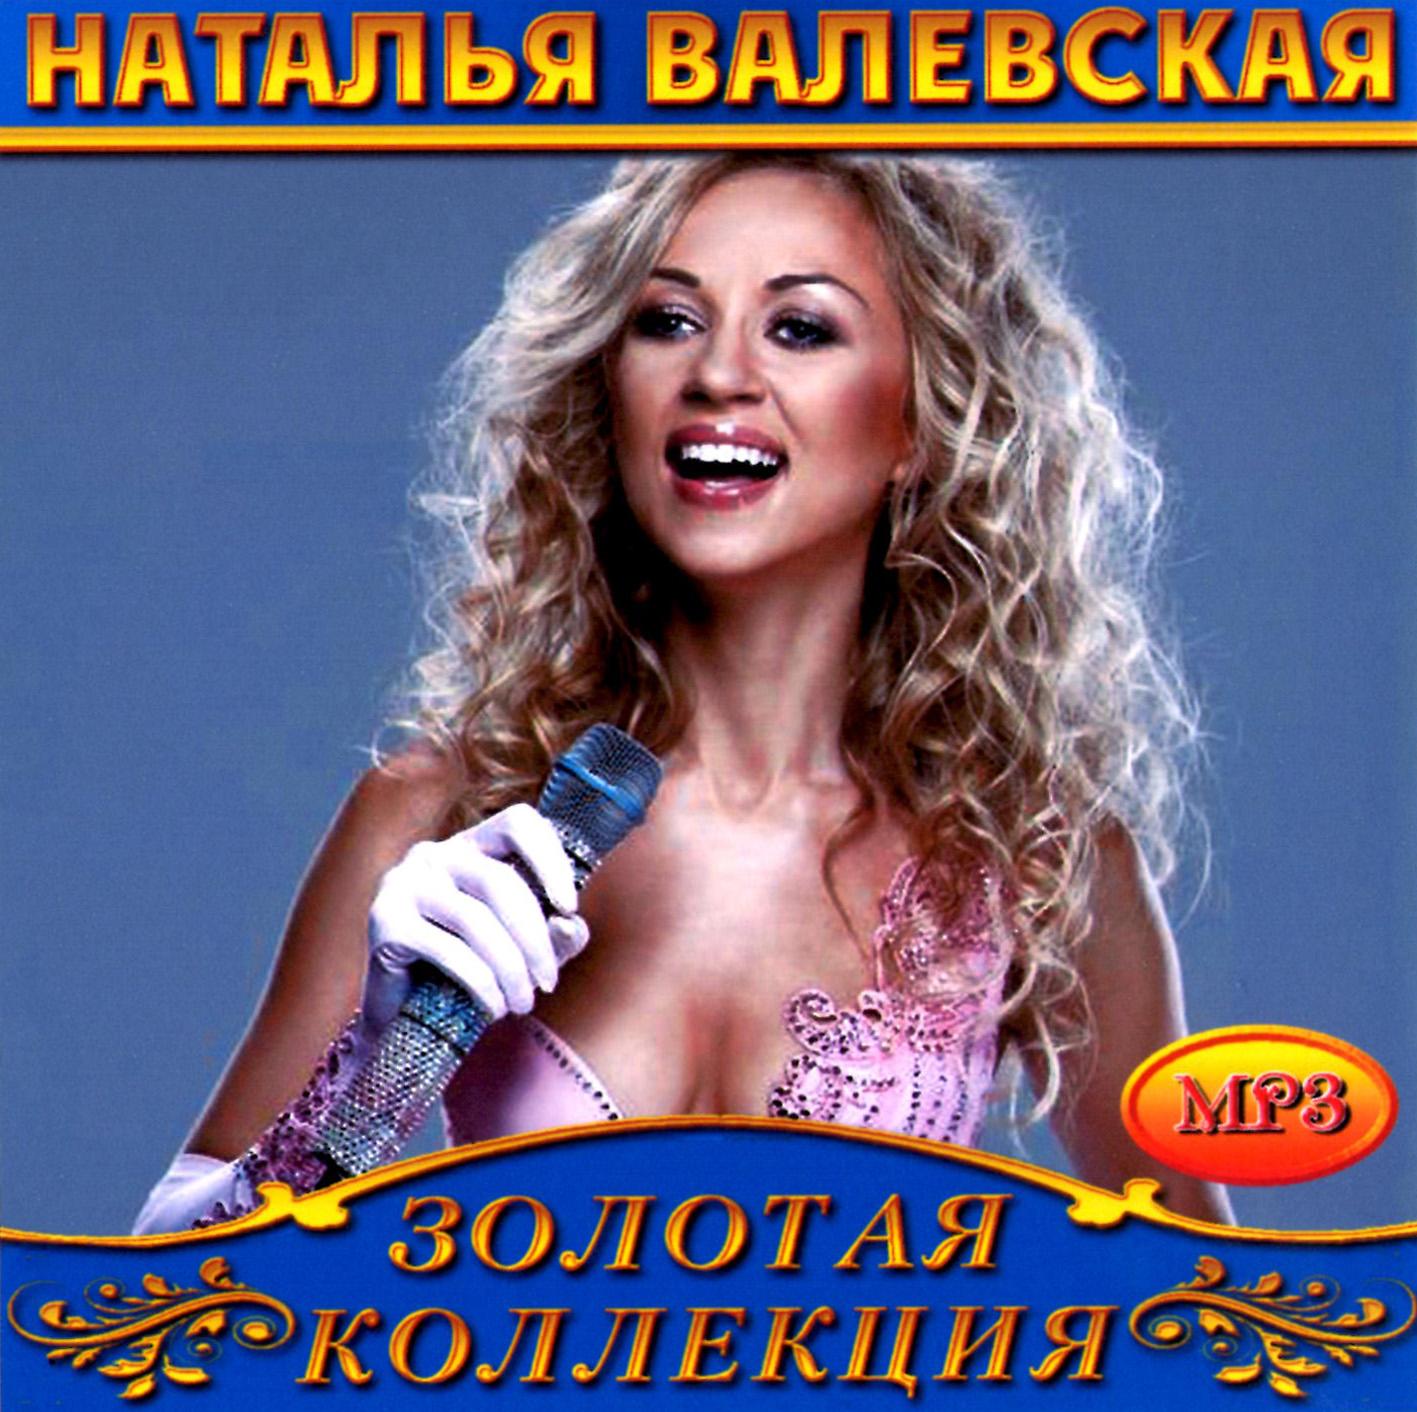 Наталья Валевская [mp3]